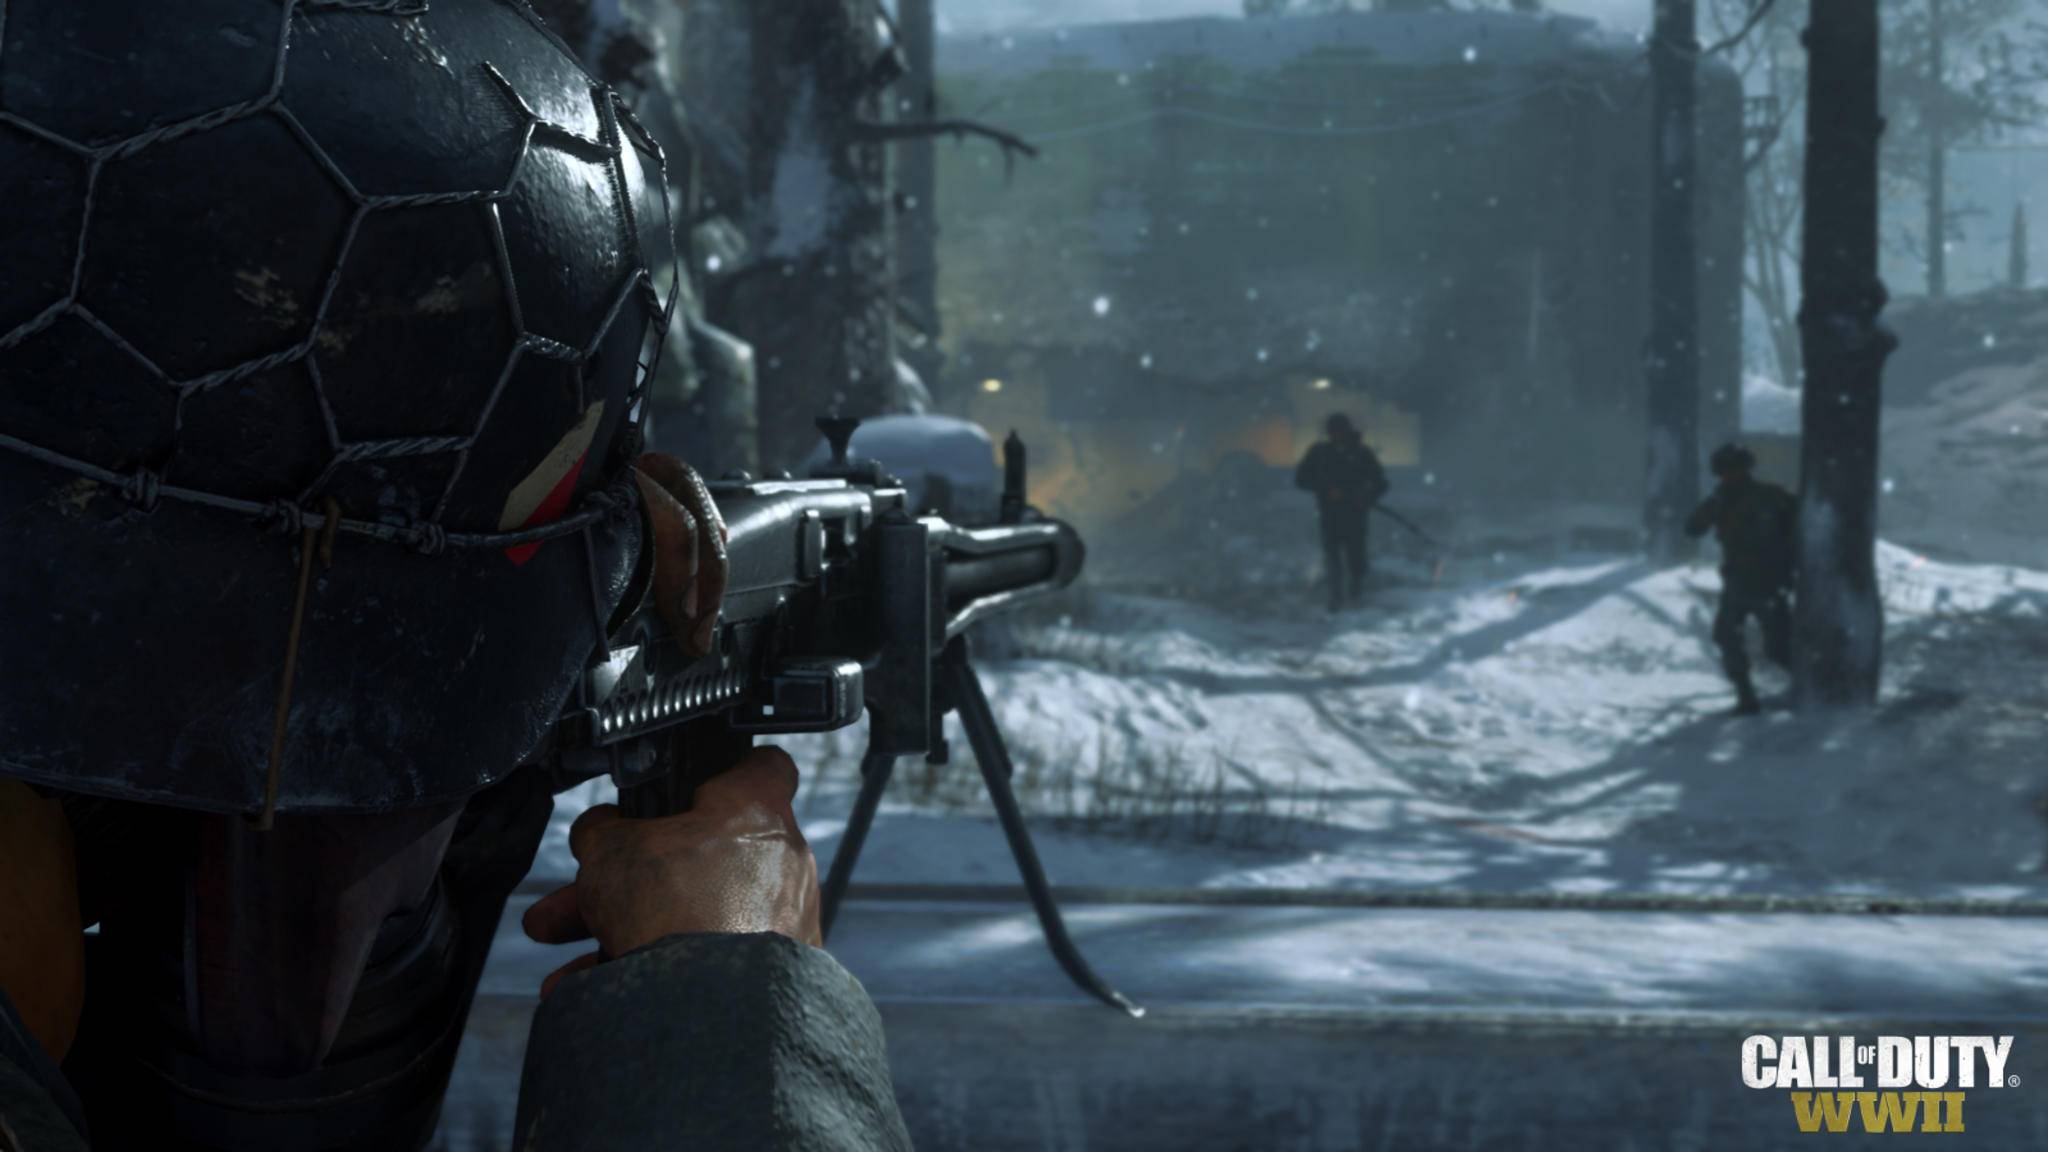 """""""Call of Duty: WW2"""" wird offenbar wieder zahlreiche Waffenverzierungen bieten."""